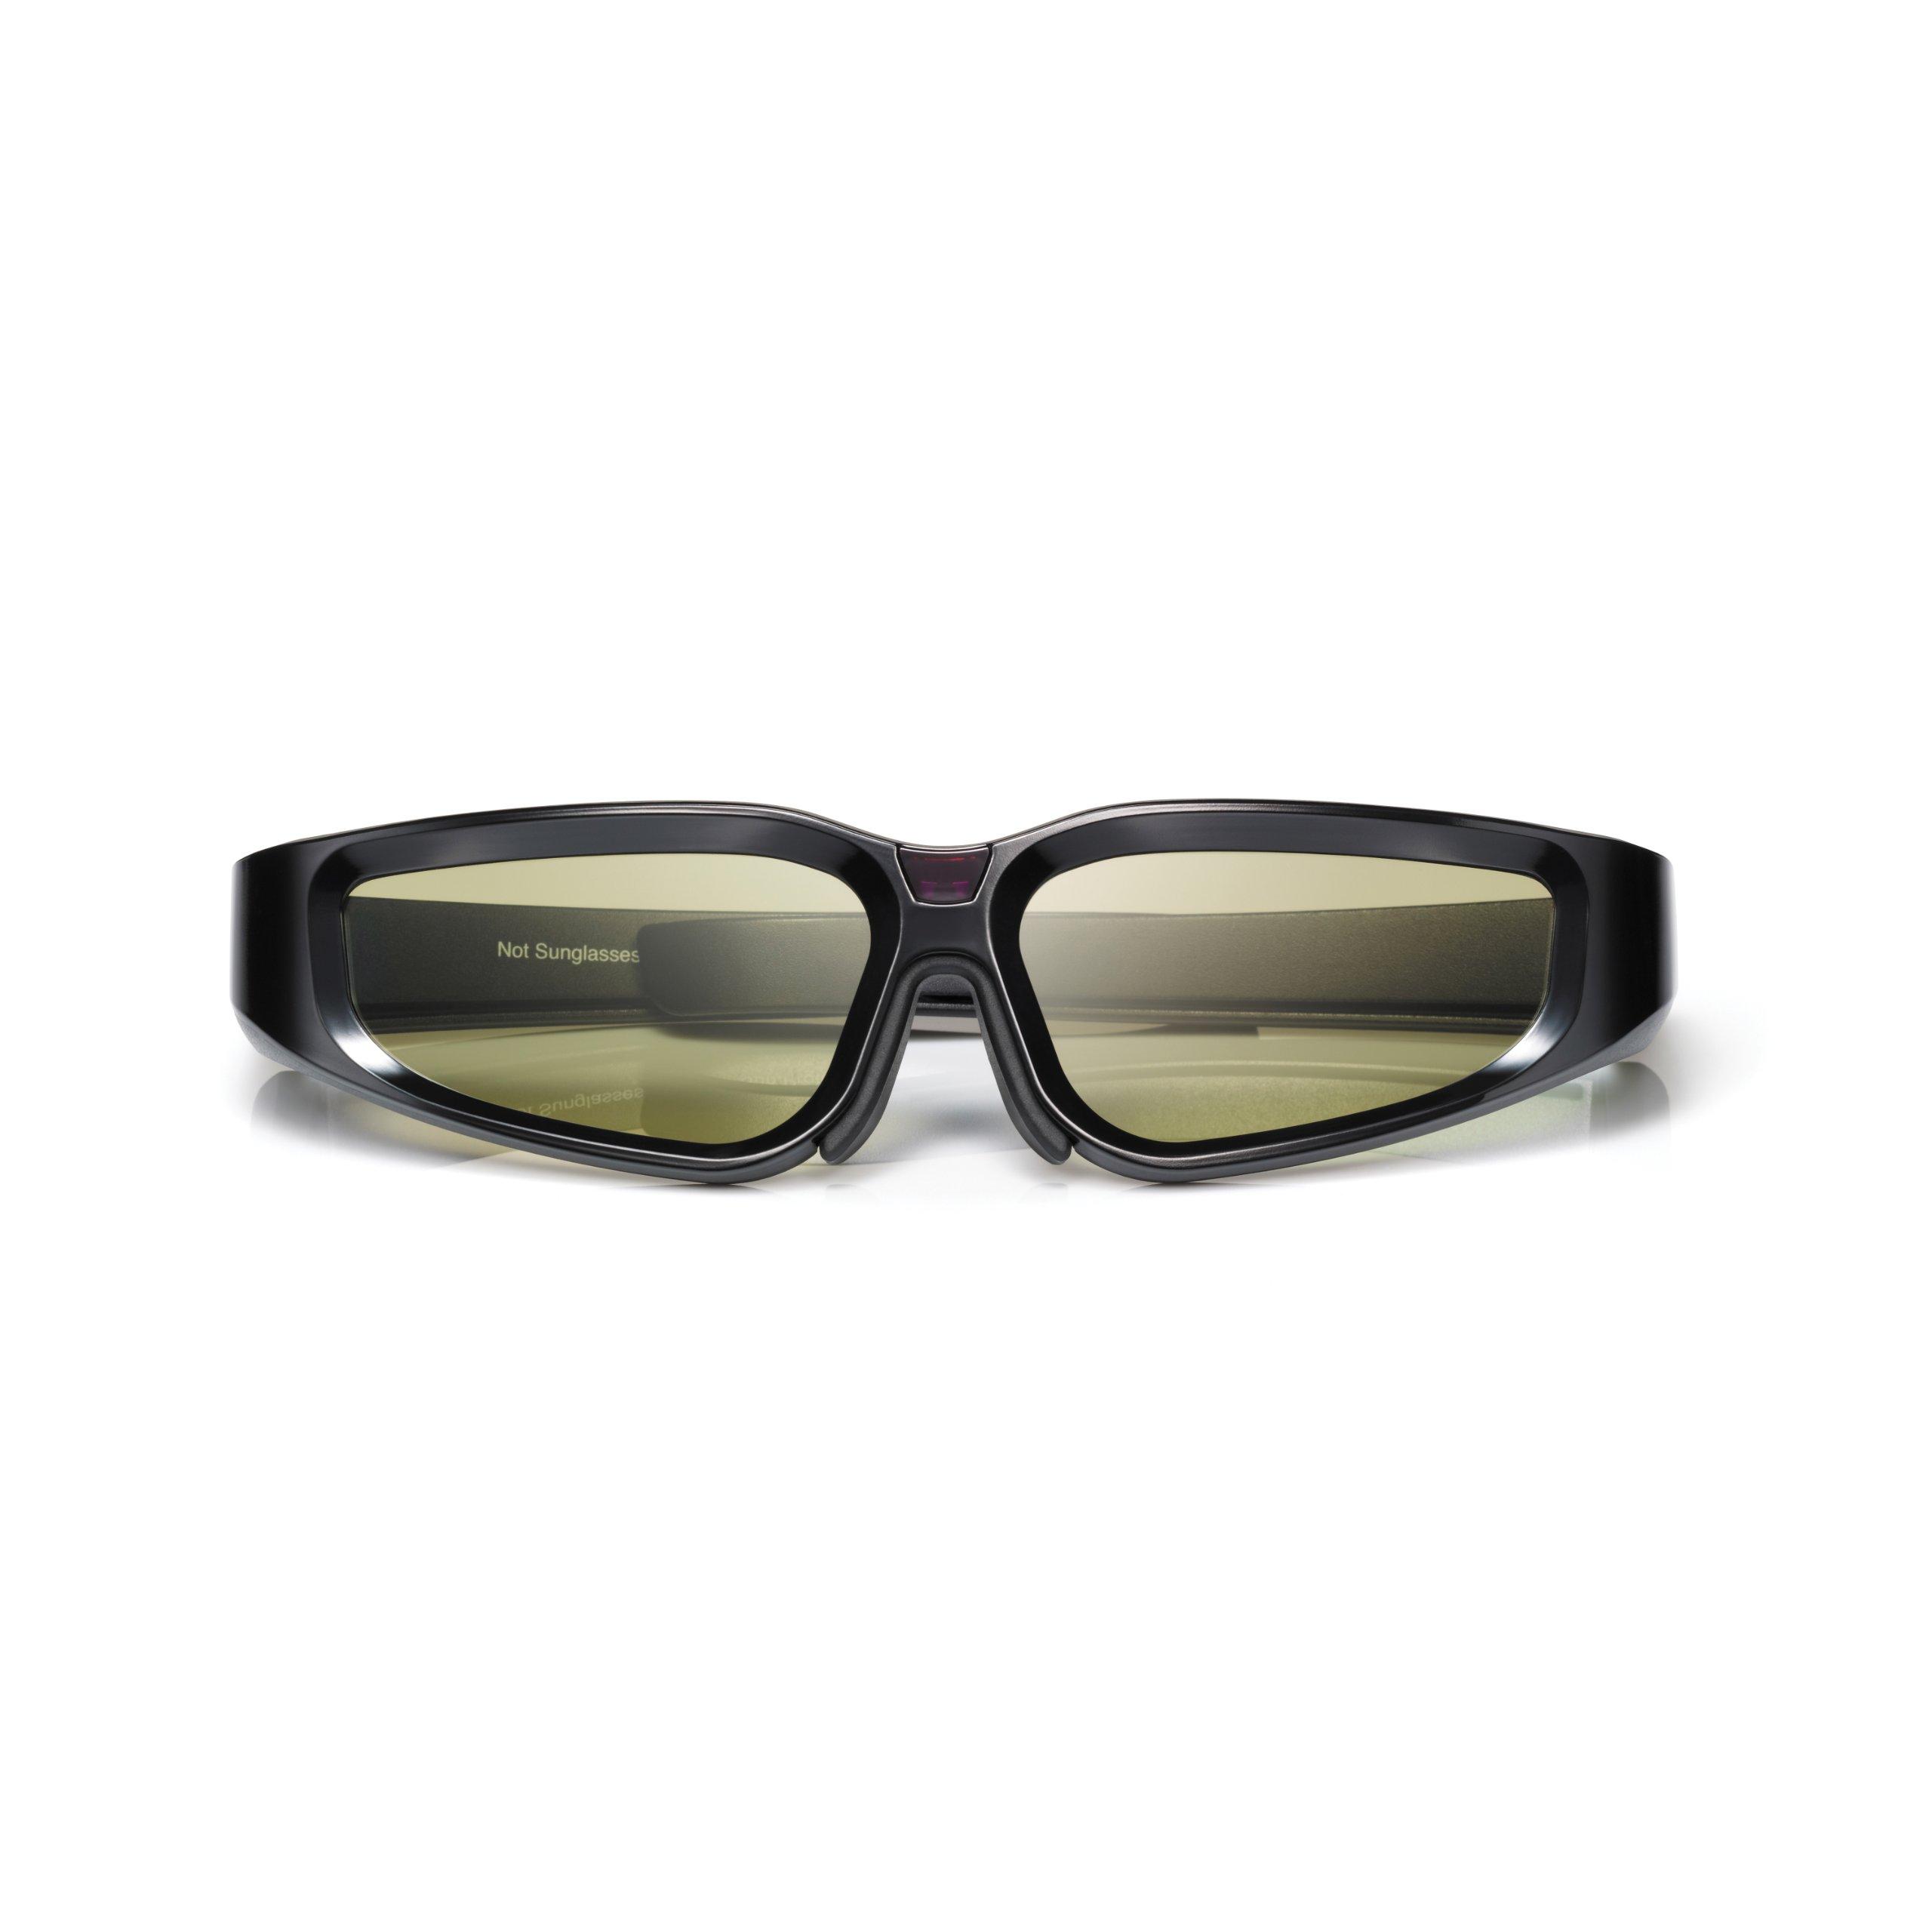 LG AG-S100 3D Active Shutter Glasses for 2010 LG 3D HDTVs by LG